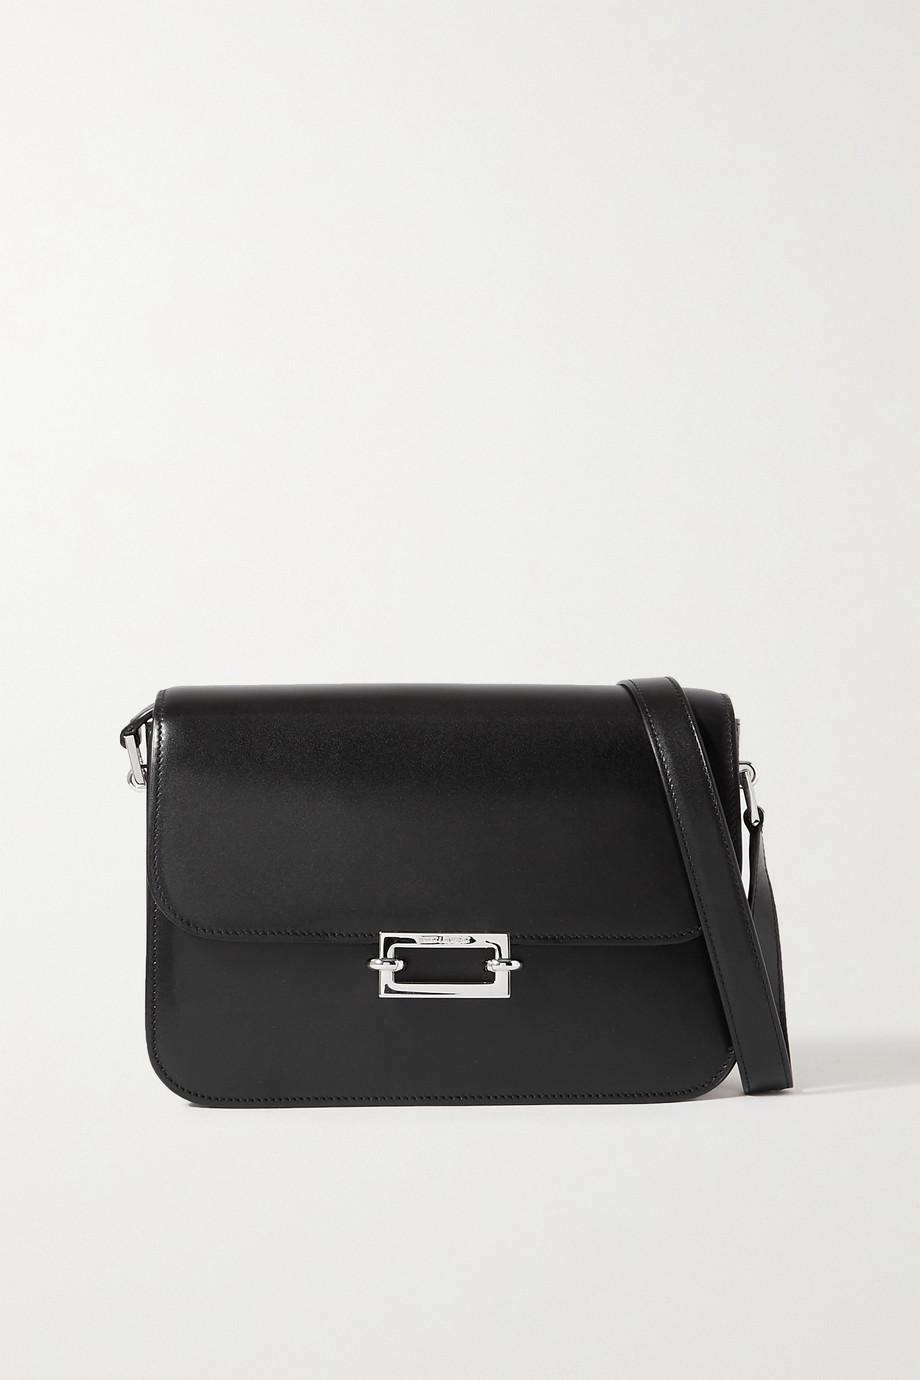 SAINT LAURENT Fermoir leather shoulder bag